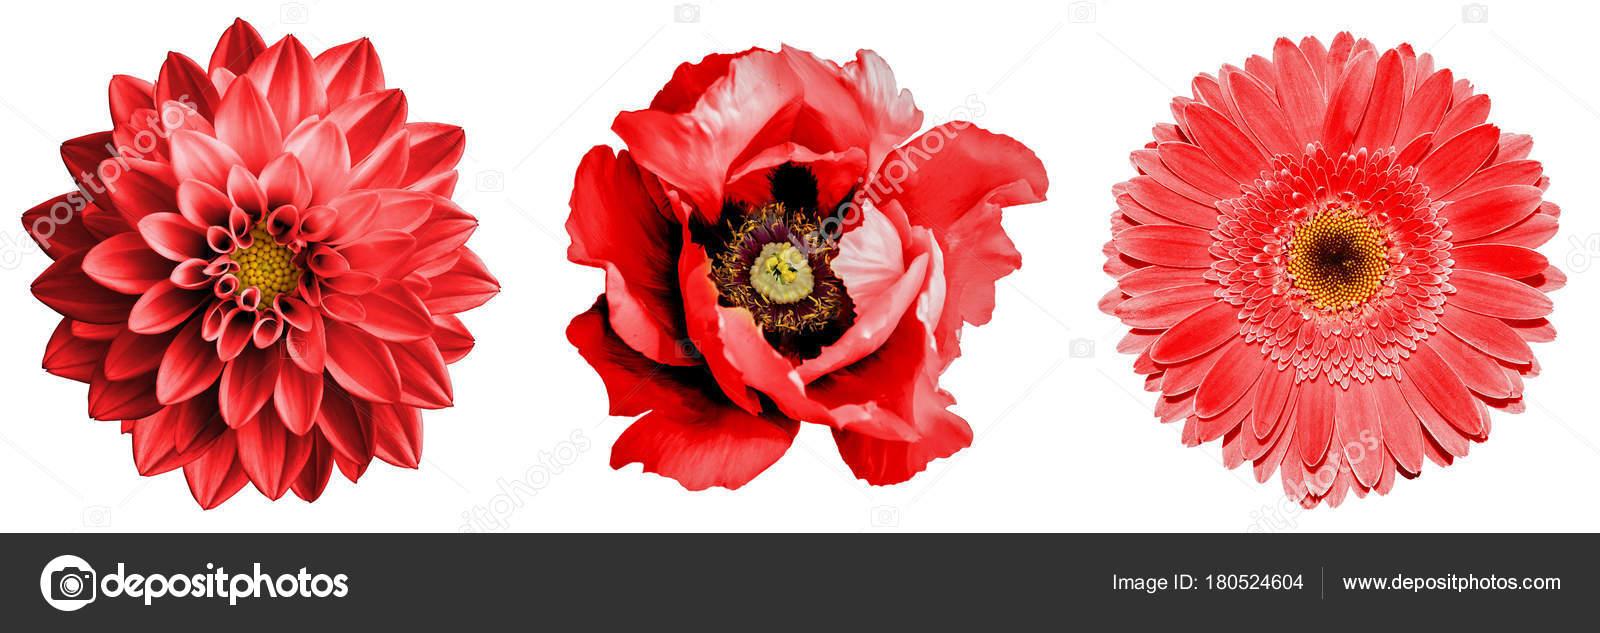 Auguri Per Anniversario Matrimonio : Favoloso frasi di auguri per matrimonio simpatiche raccolta di frasi